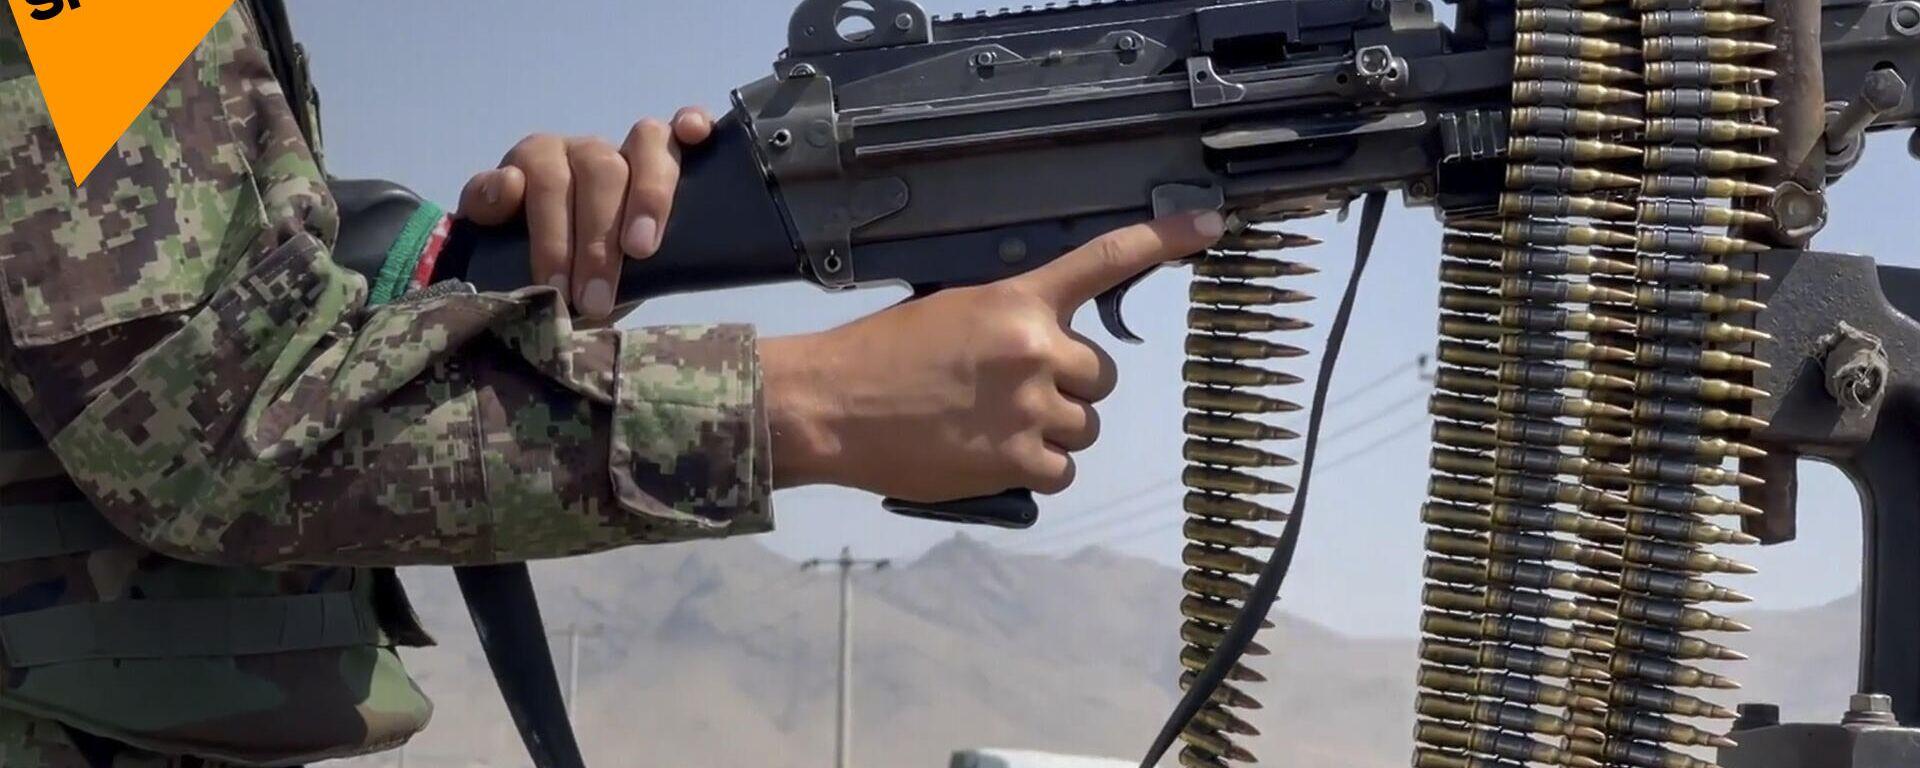 Афганистан в огне: захватят ли талибы Панджшерское ущелье и всю страну?  - Sputnik Узбекистан, 1920, 08.07.2021